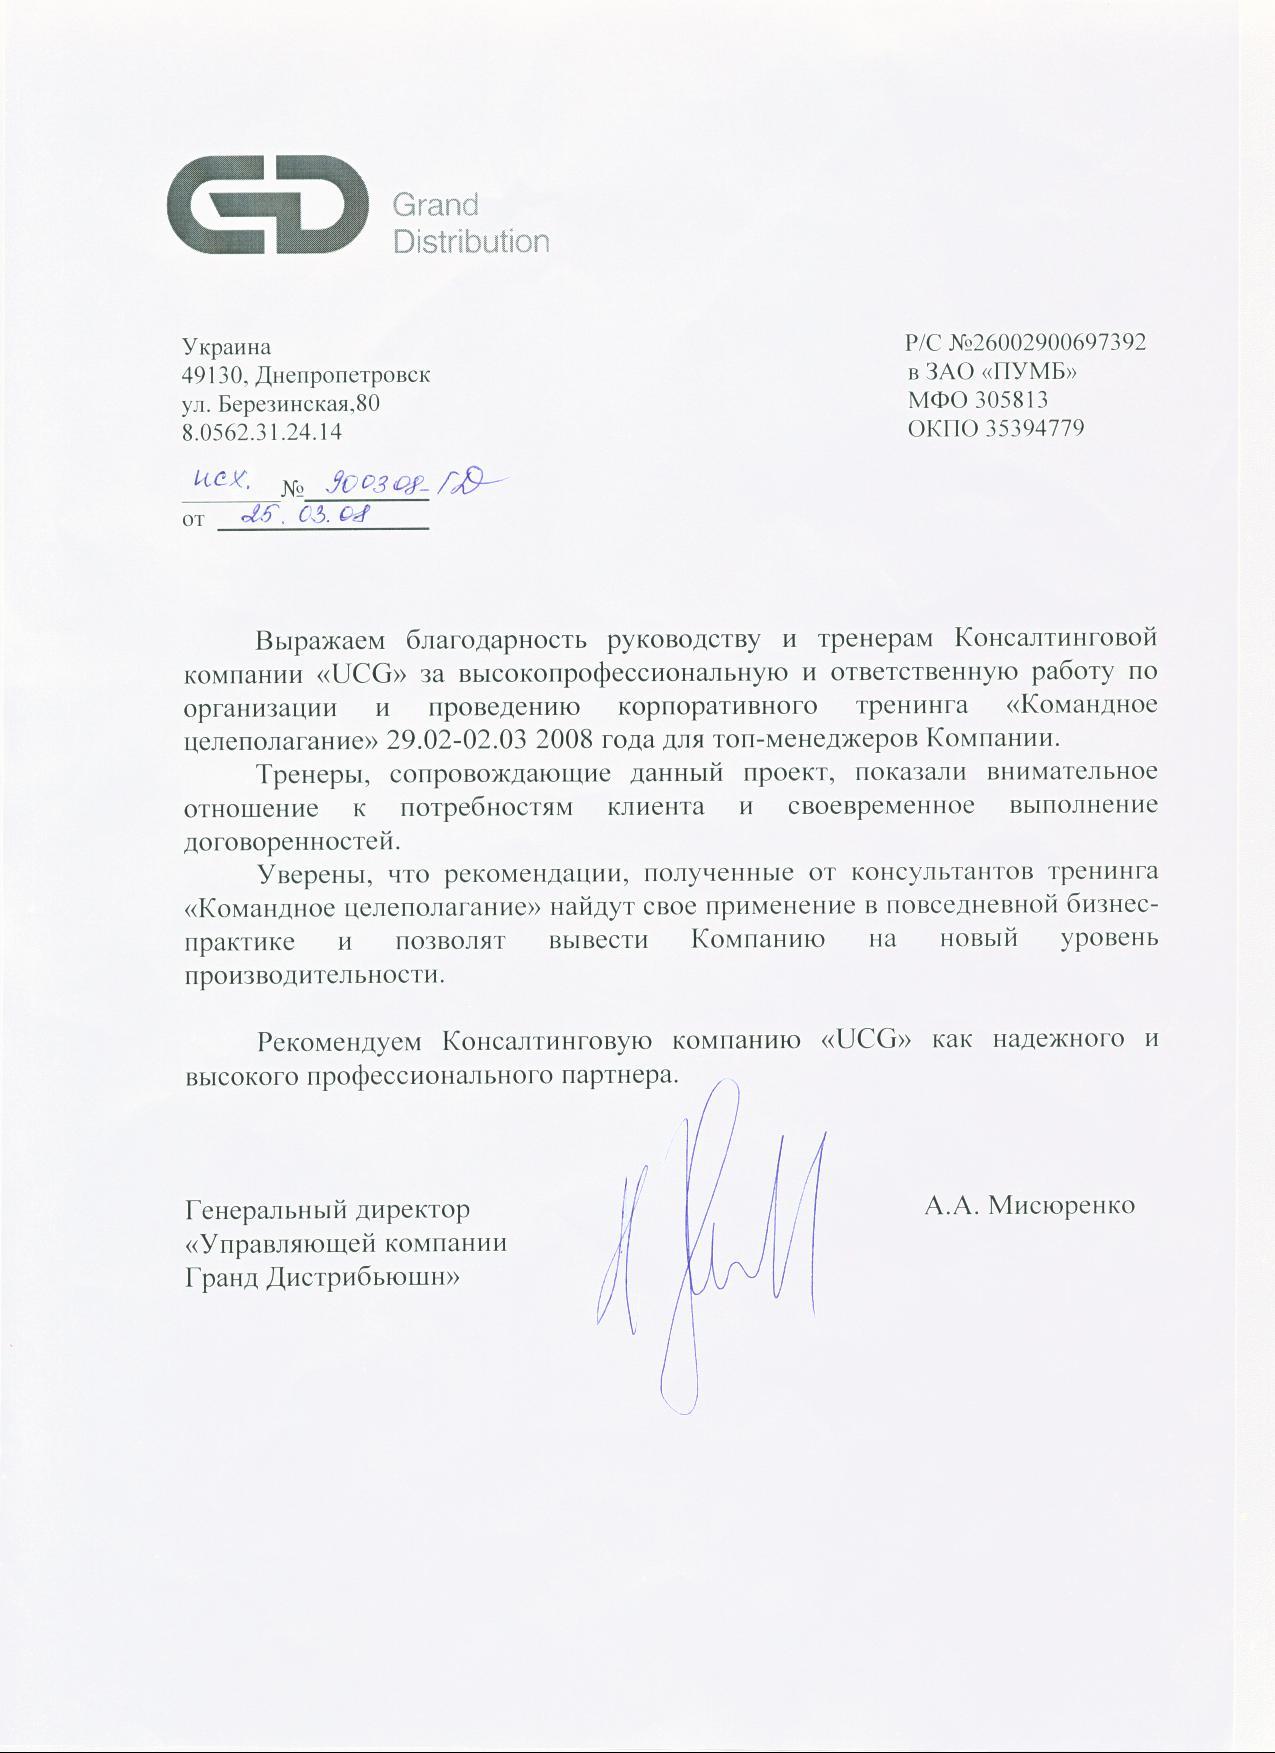 """Рекомендация """"Гранд Дистрибьюшн"""""""